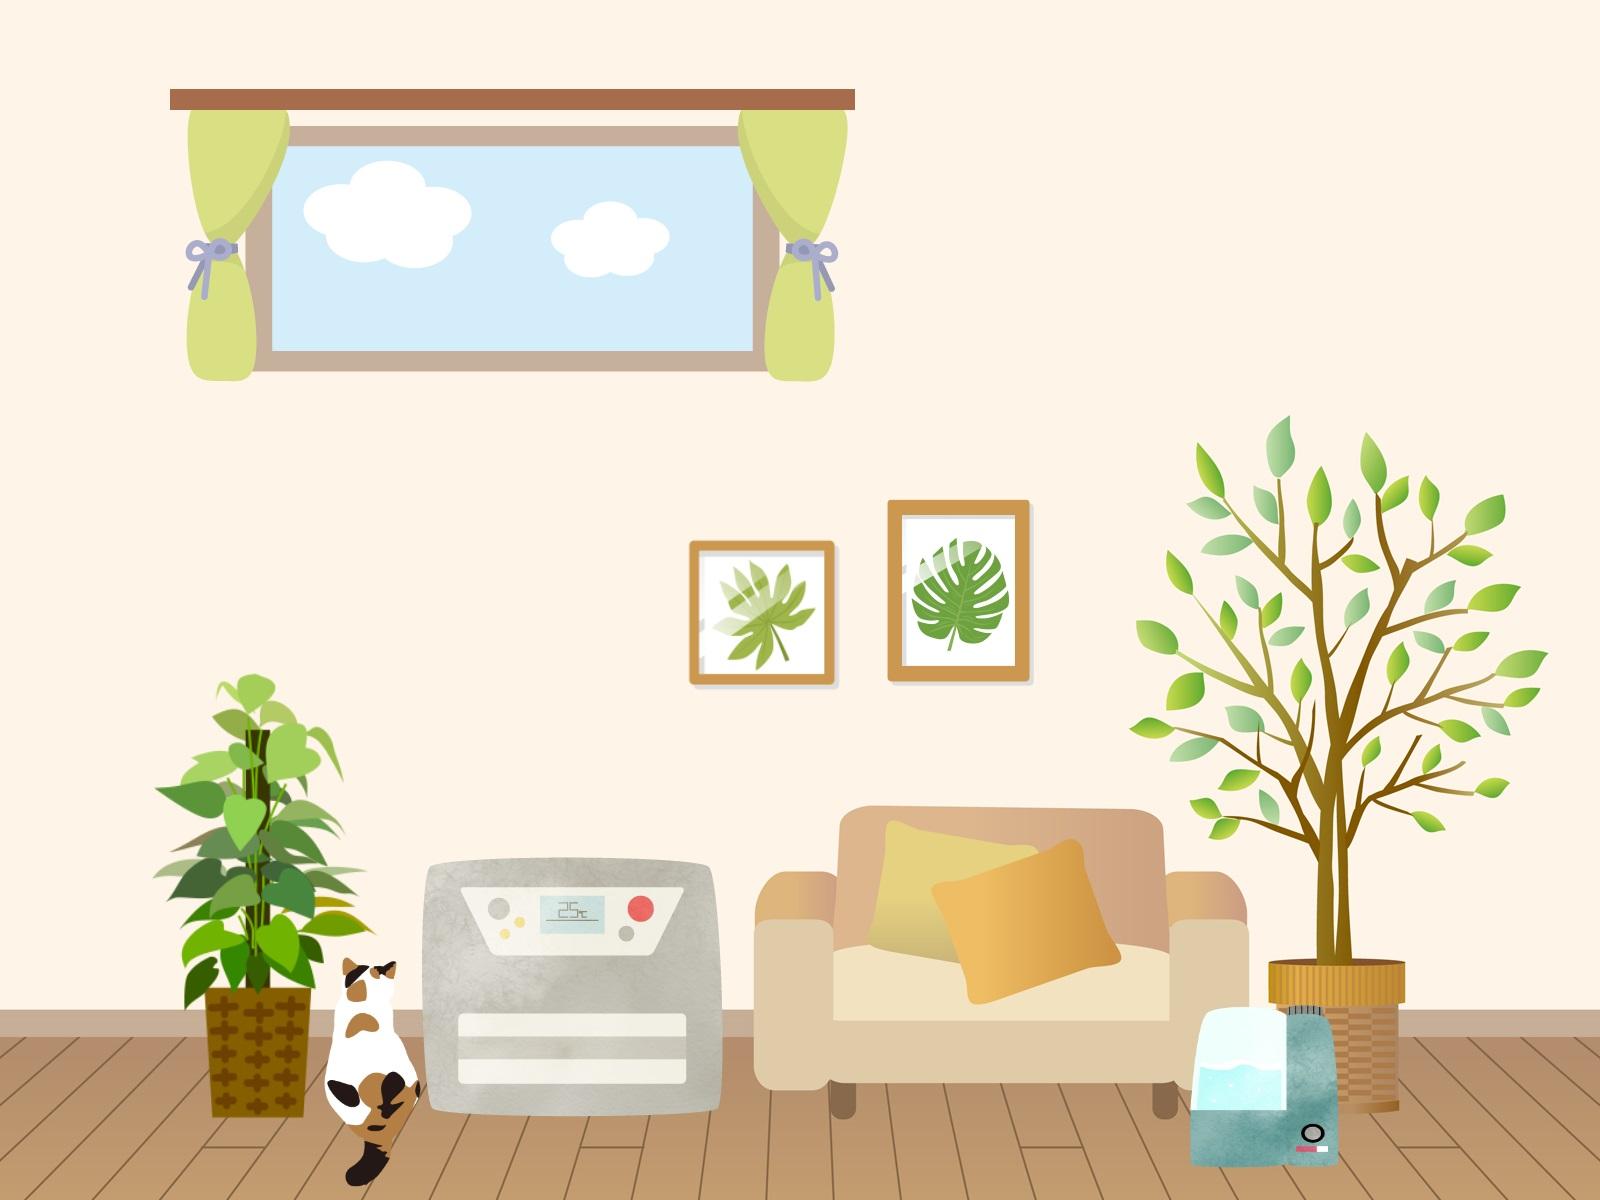 冬の暖かい部屋のイラスト